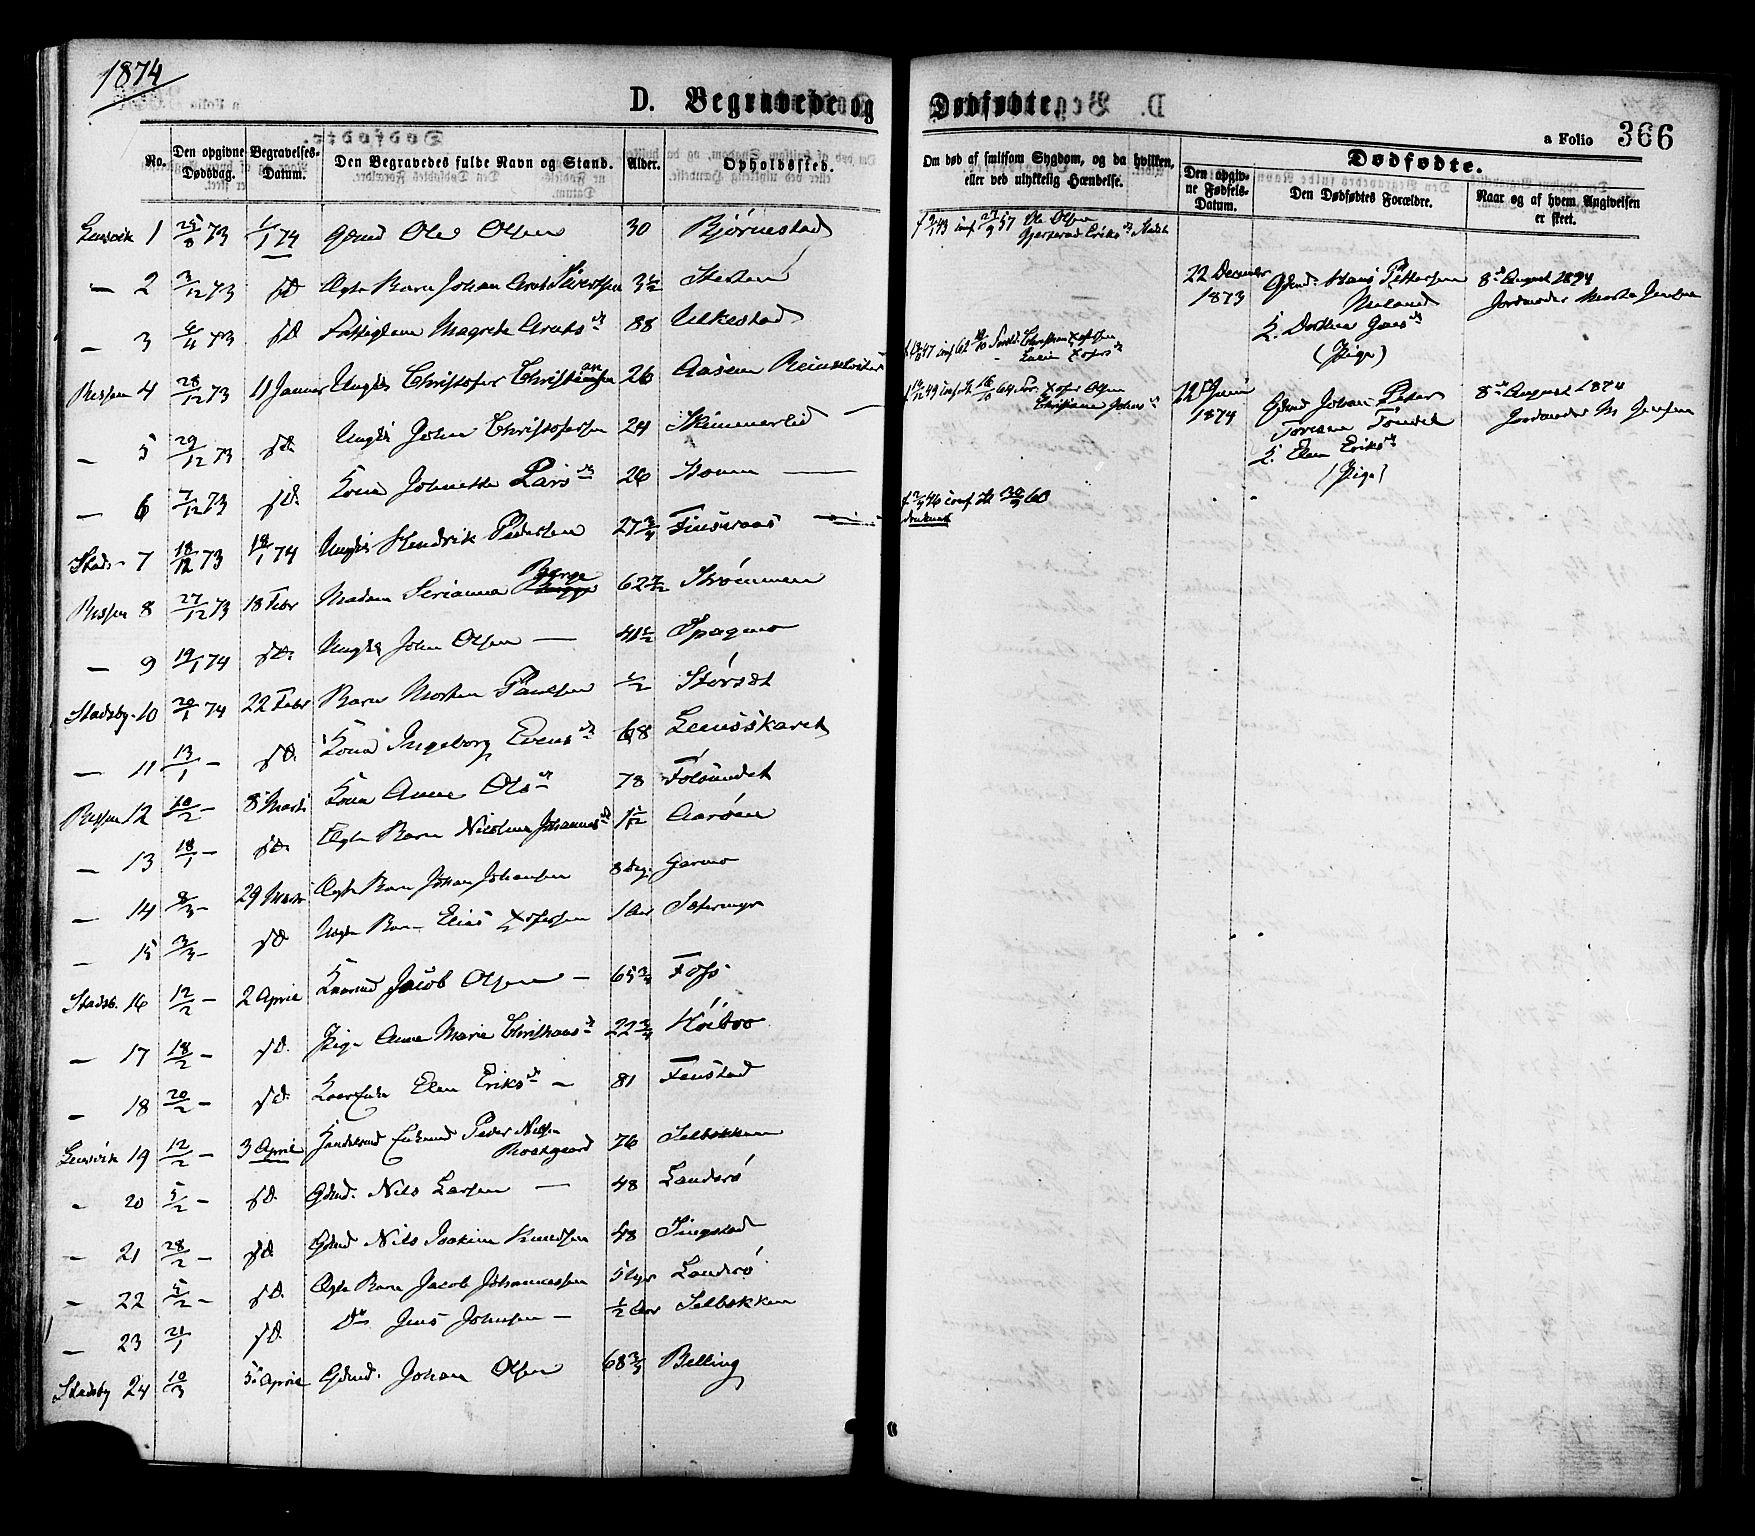 SAT, Ministerialprotokoller, klokkerbøker og fødselsregistre - Sør-Trøndelag, 646/L0613: Ministerialbok nr. 646A11, 1870-1884, s. 366